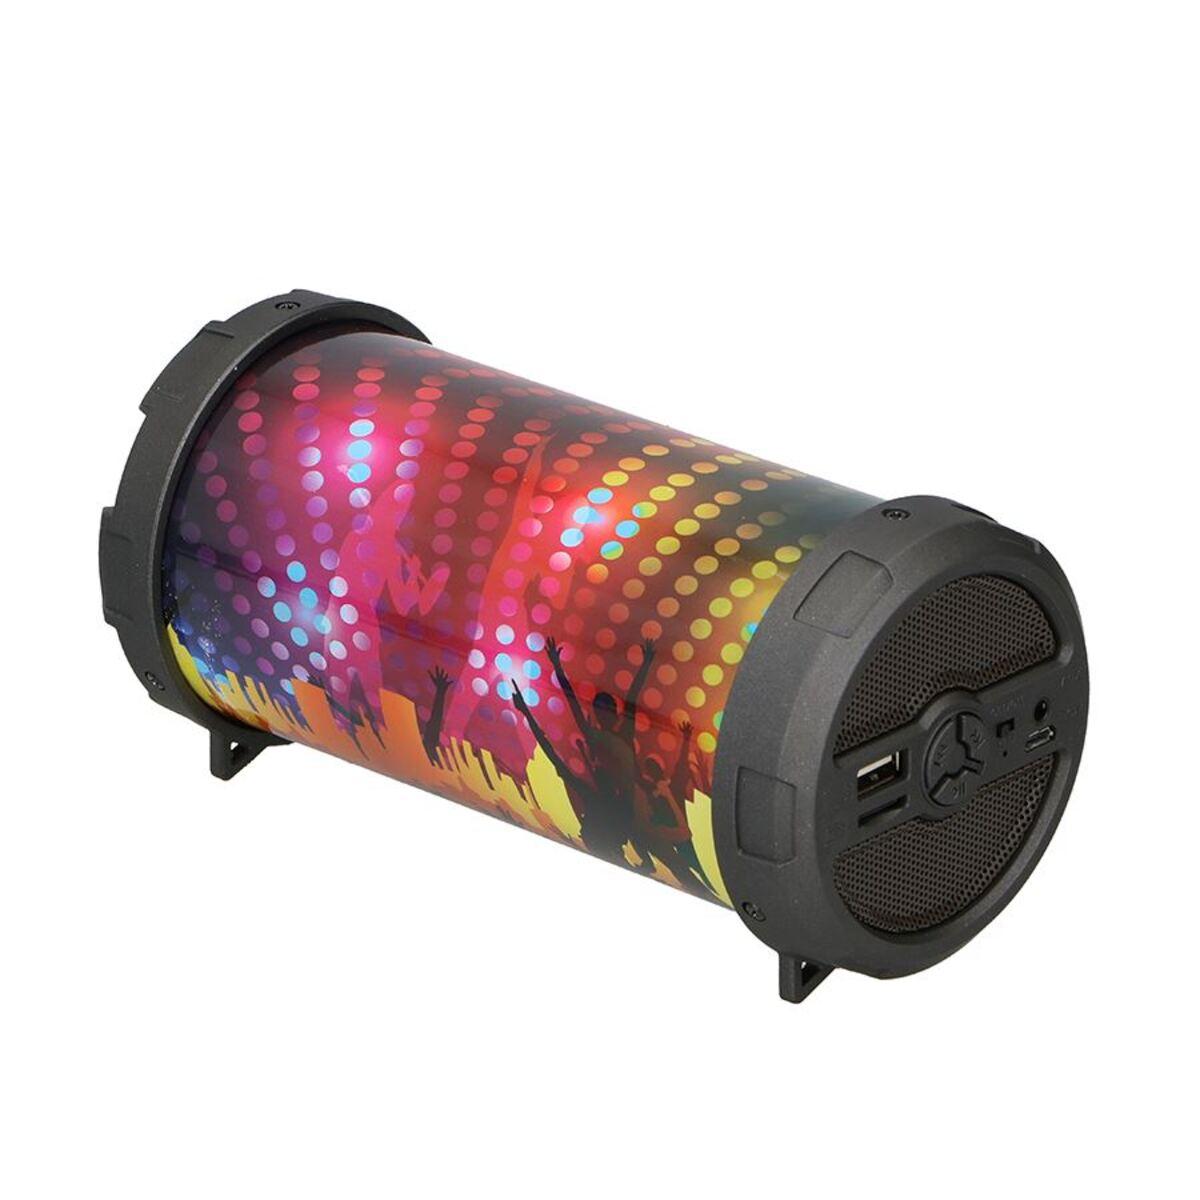 Bild 2 von Dunlop Bluetooth-Lautsprecher MW-133BT